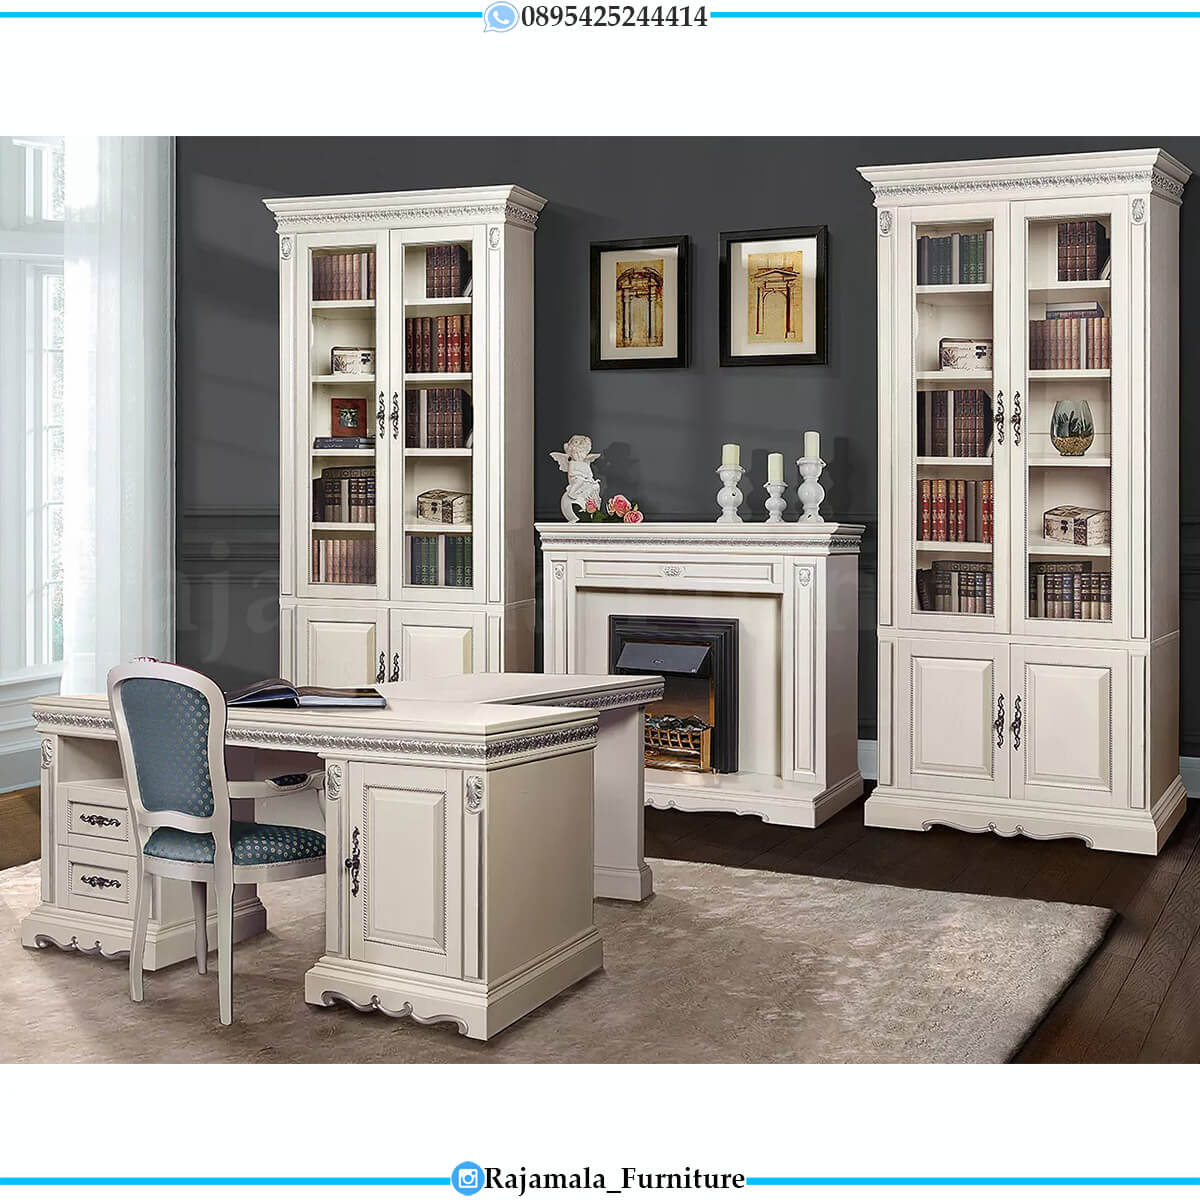 Desain Meja Kantor Mewah Terbaru Furniture Jepara Terbaru RM-0570